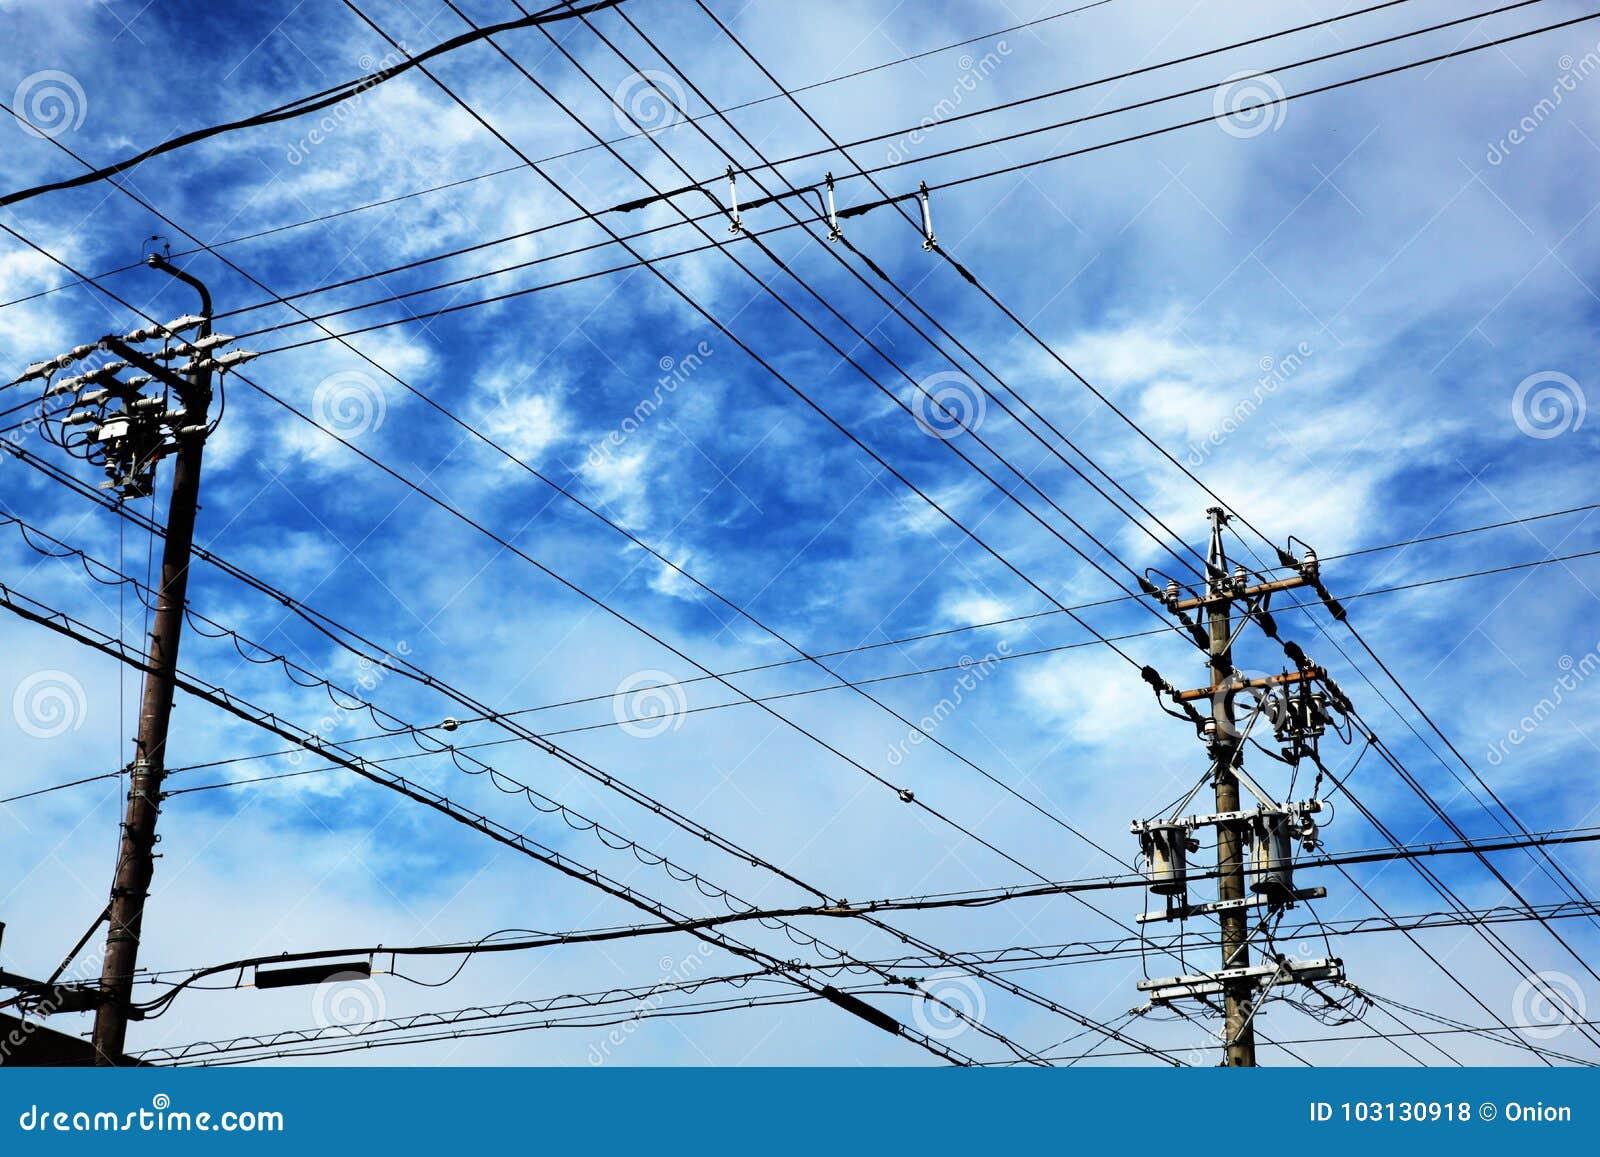 Polos de telefone com fios